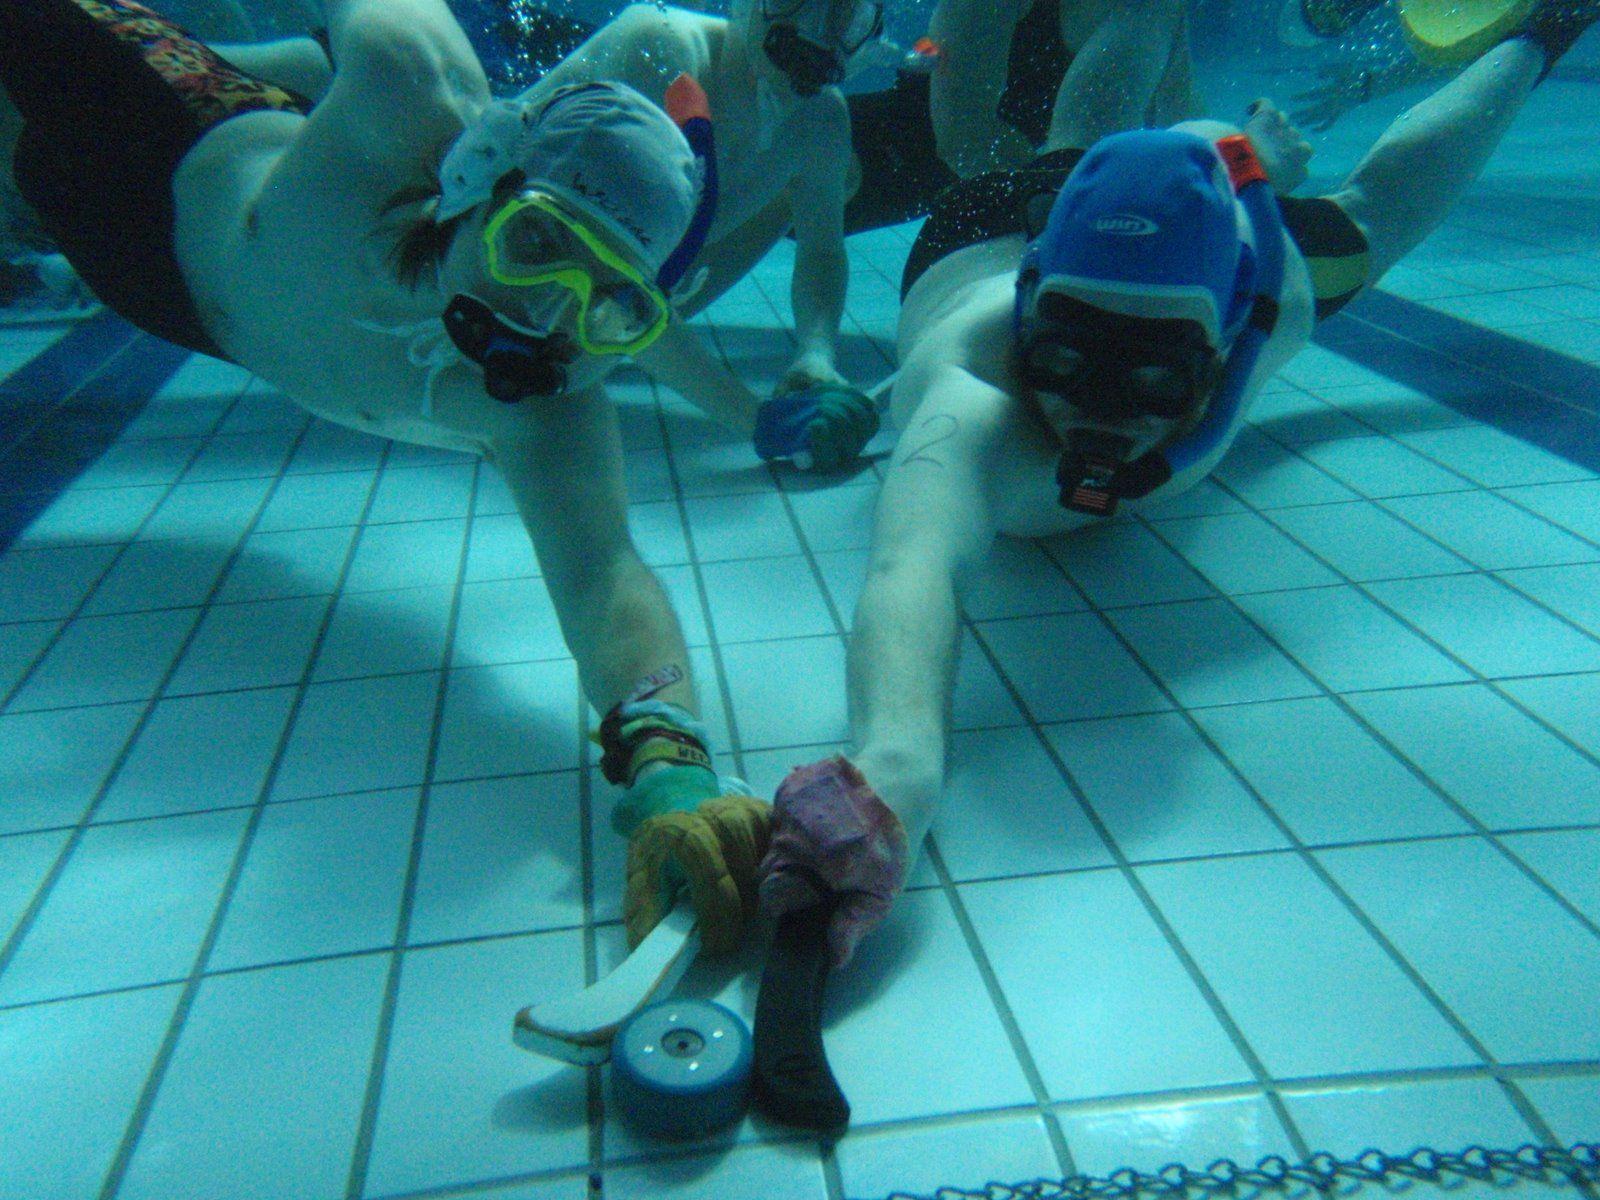 Underwater Hockey Hockey Subacuatico Unterwasserhockey Octopush Scuba Diving Equipment Diving Equipment Summer Sports